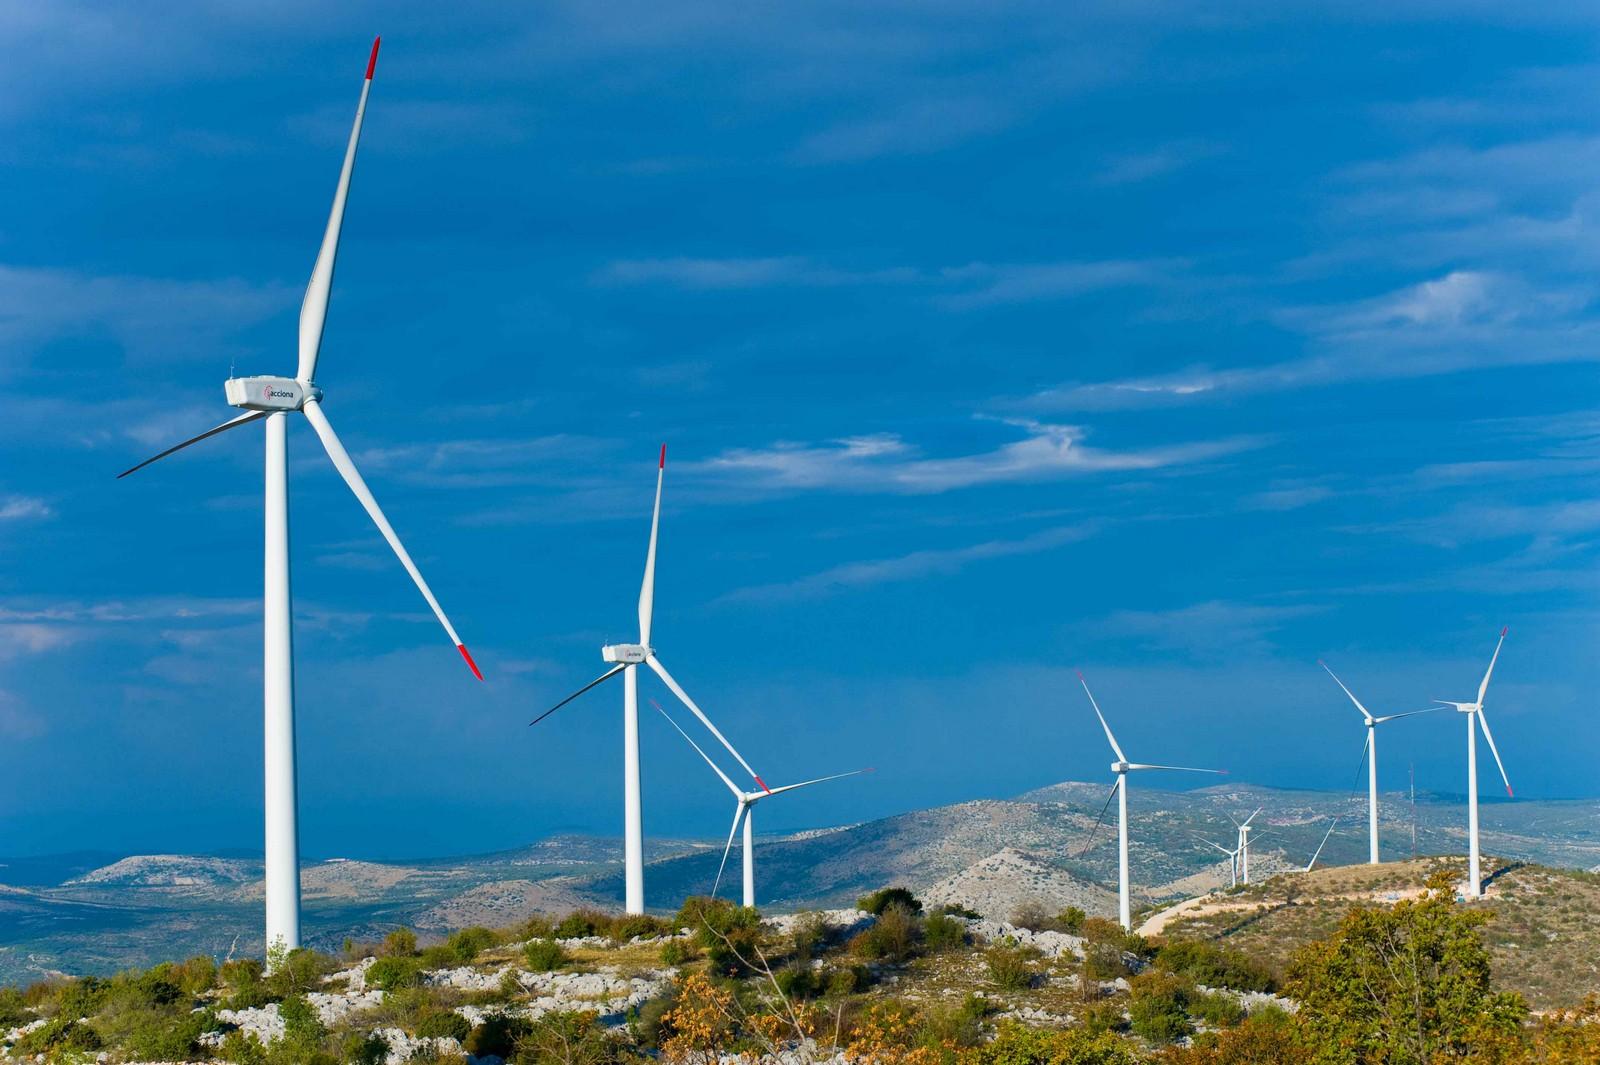 http://www.evwind.com/wp-content/uploads/2013/01/e%C3%B3lica-Croacia-Acciona.jpg